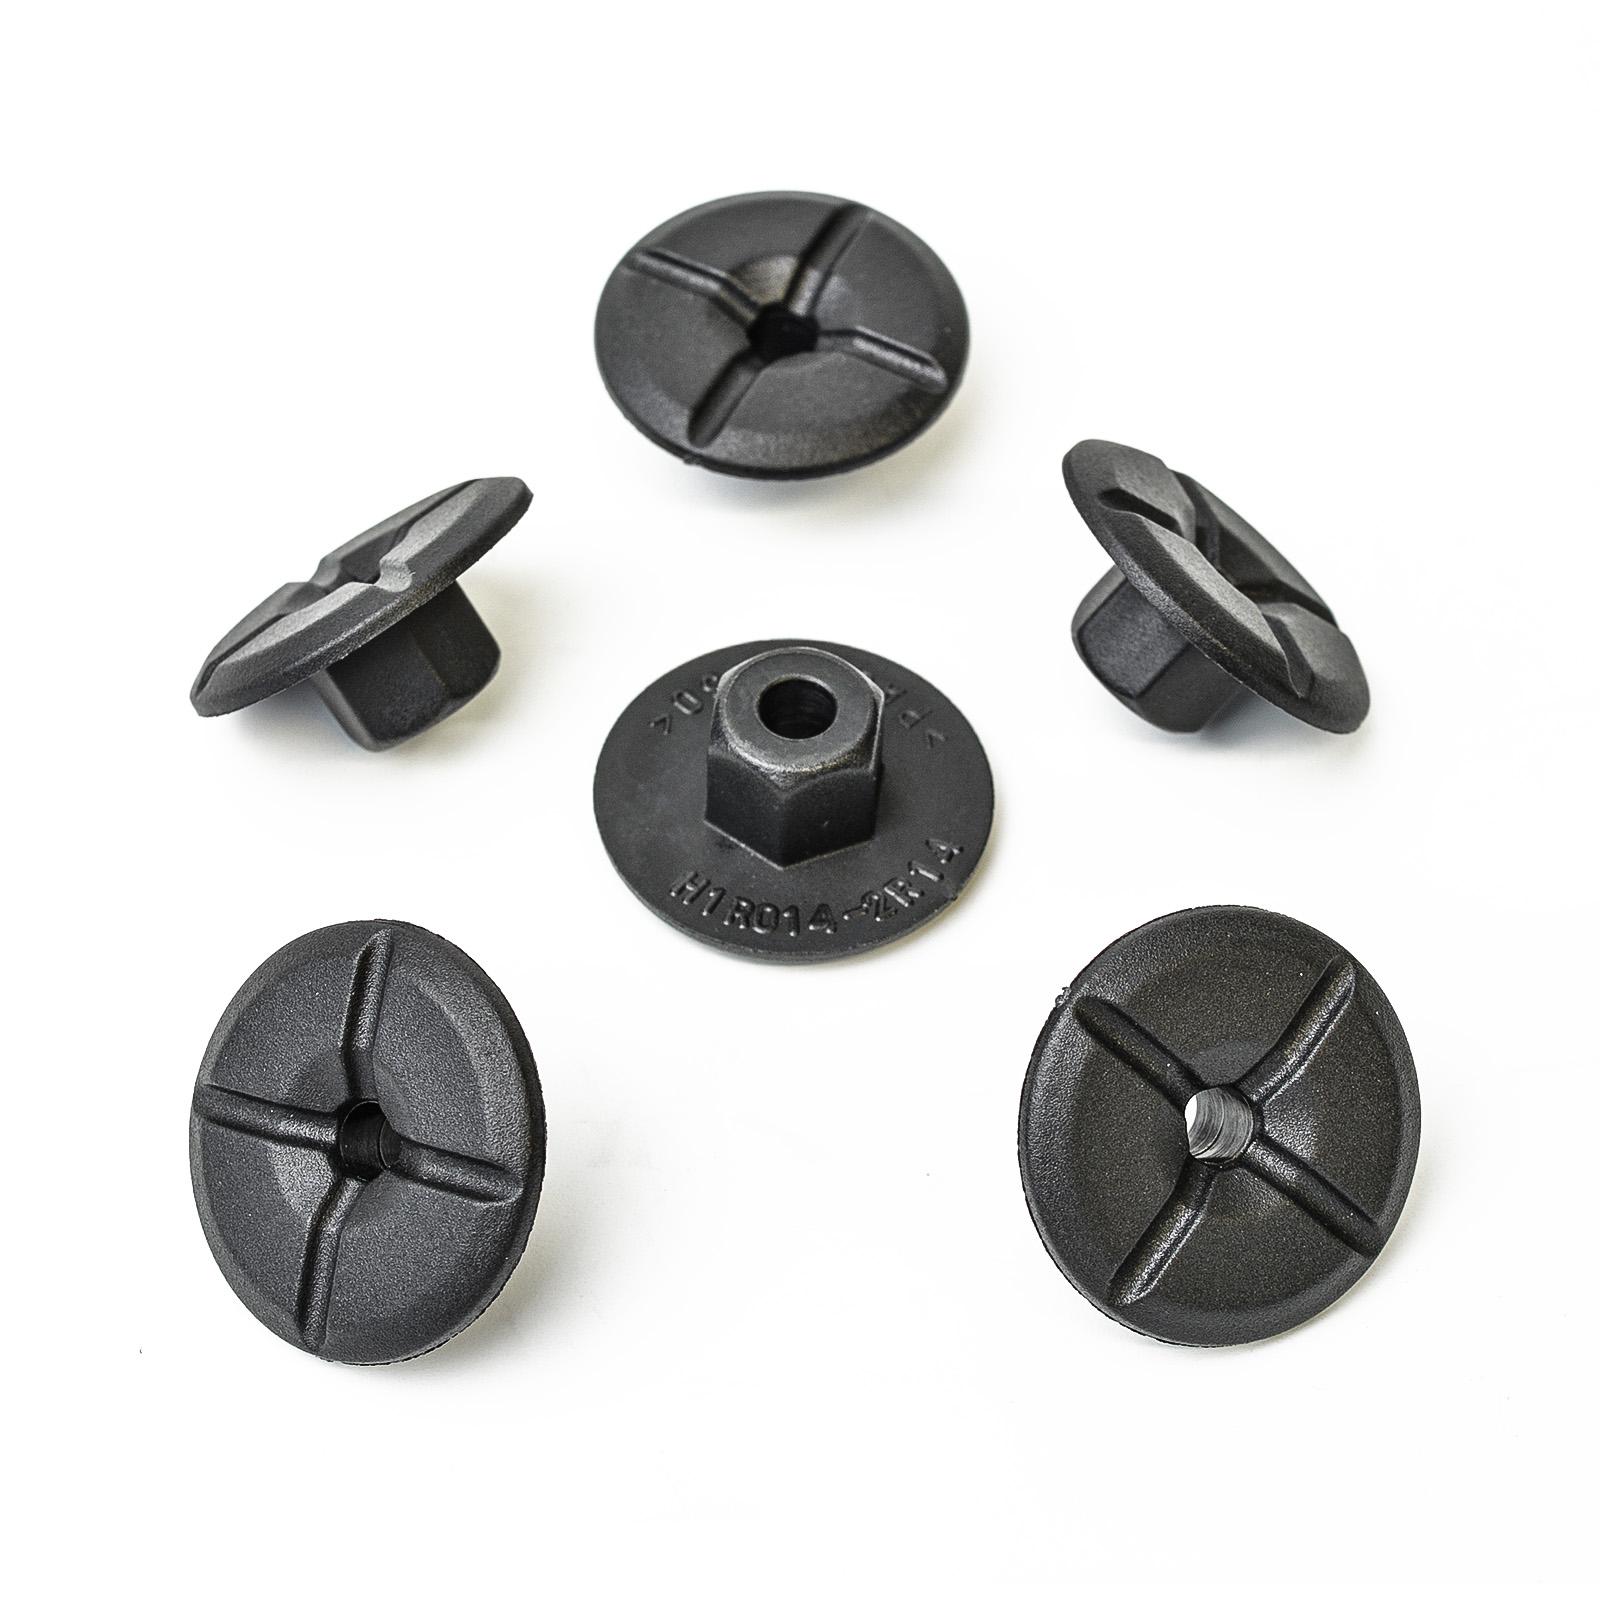 5x Kunststoff Mutter Befestigung Clips für Mercedes BMW 51711958025 A2019900050